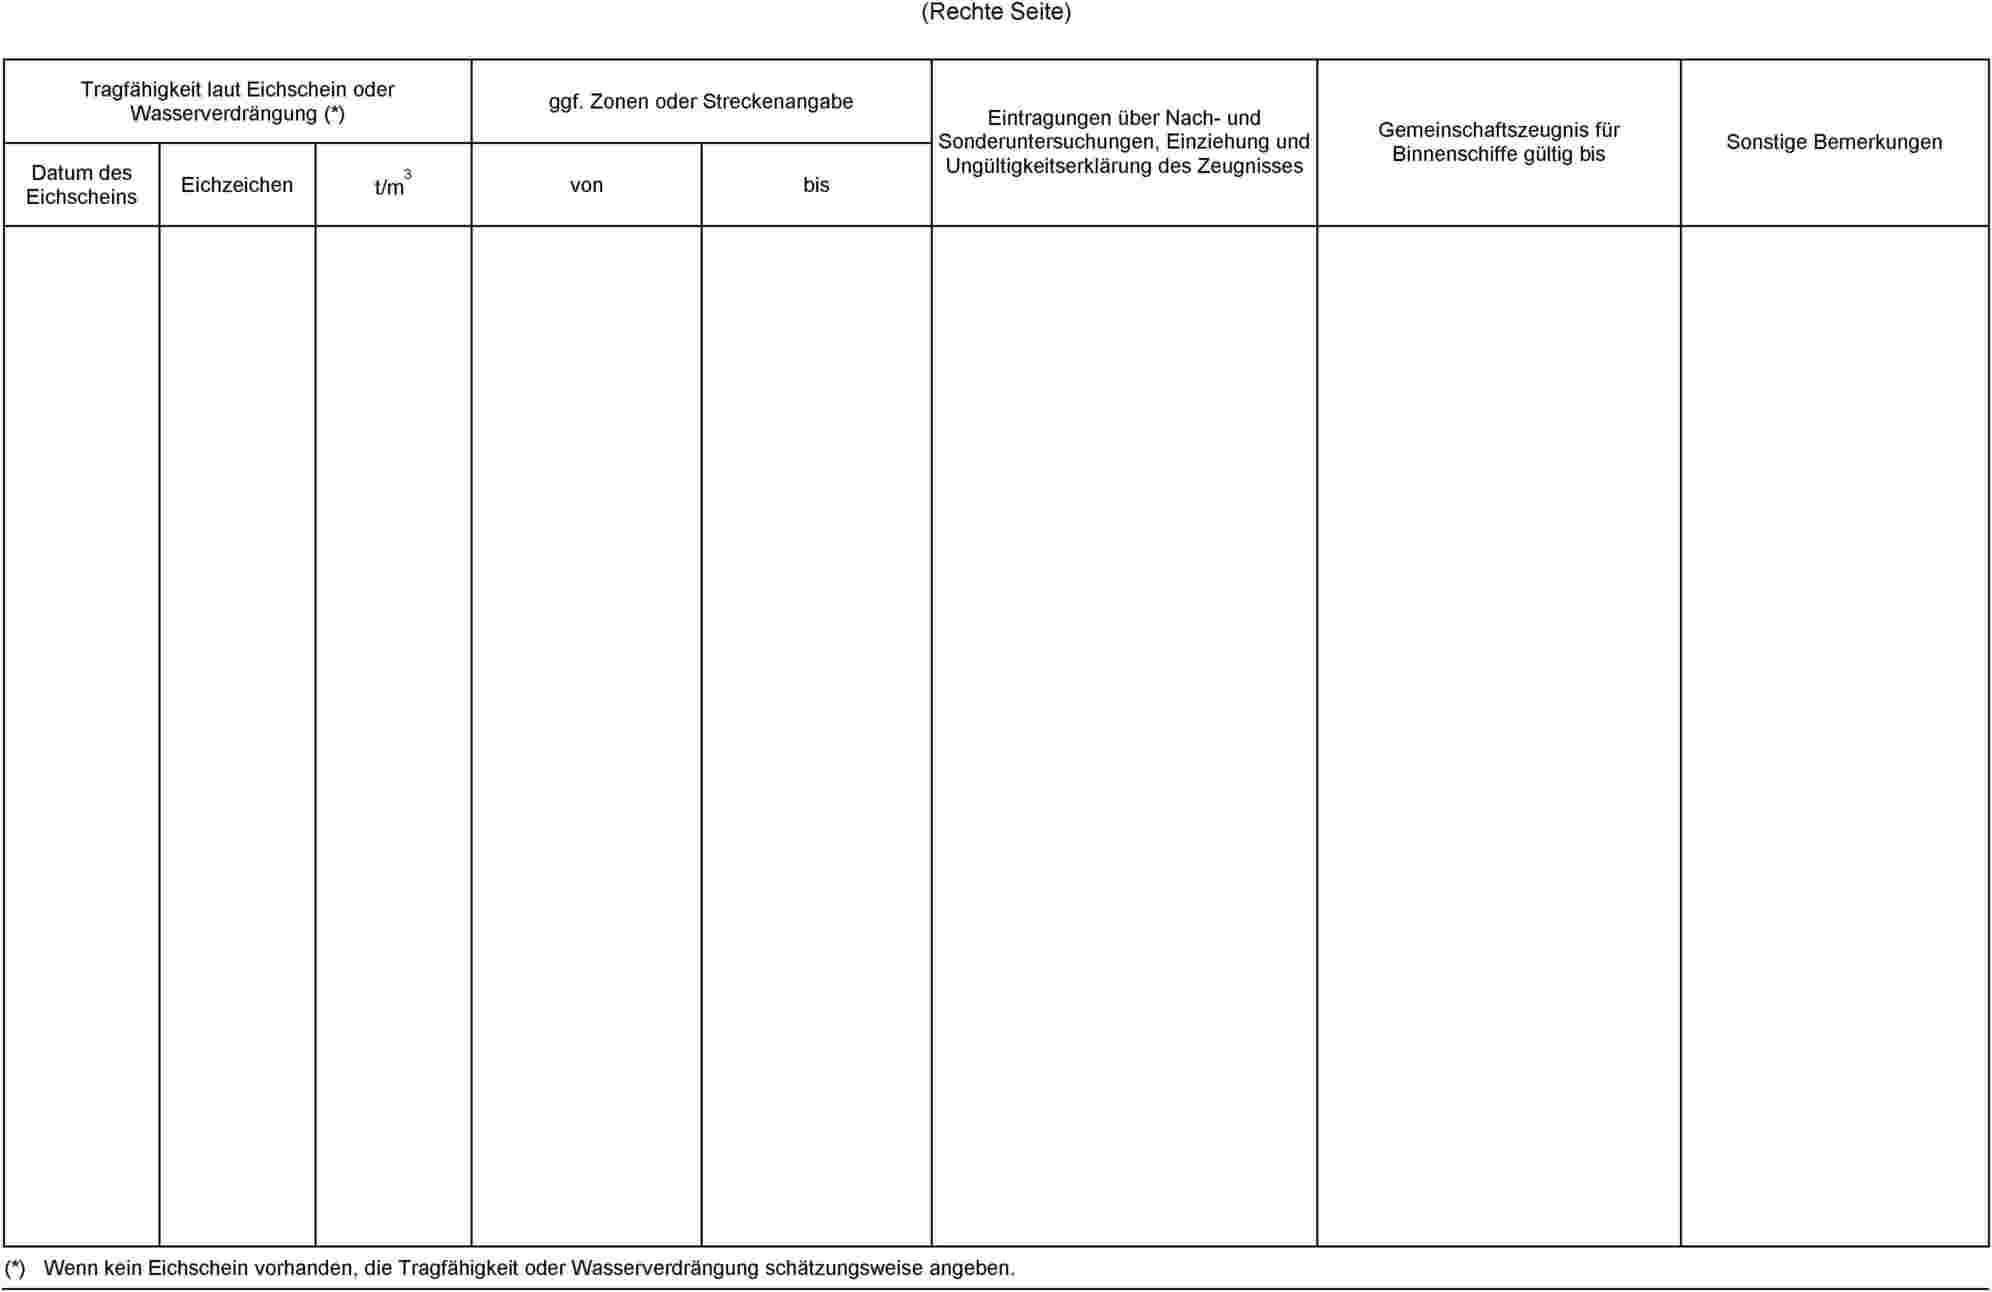 EUR-Lex - C2006/303E/03 - EN - EUR-Lex